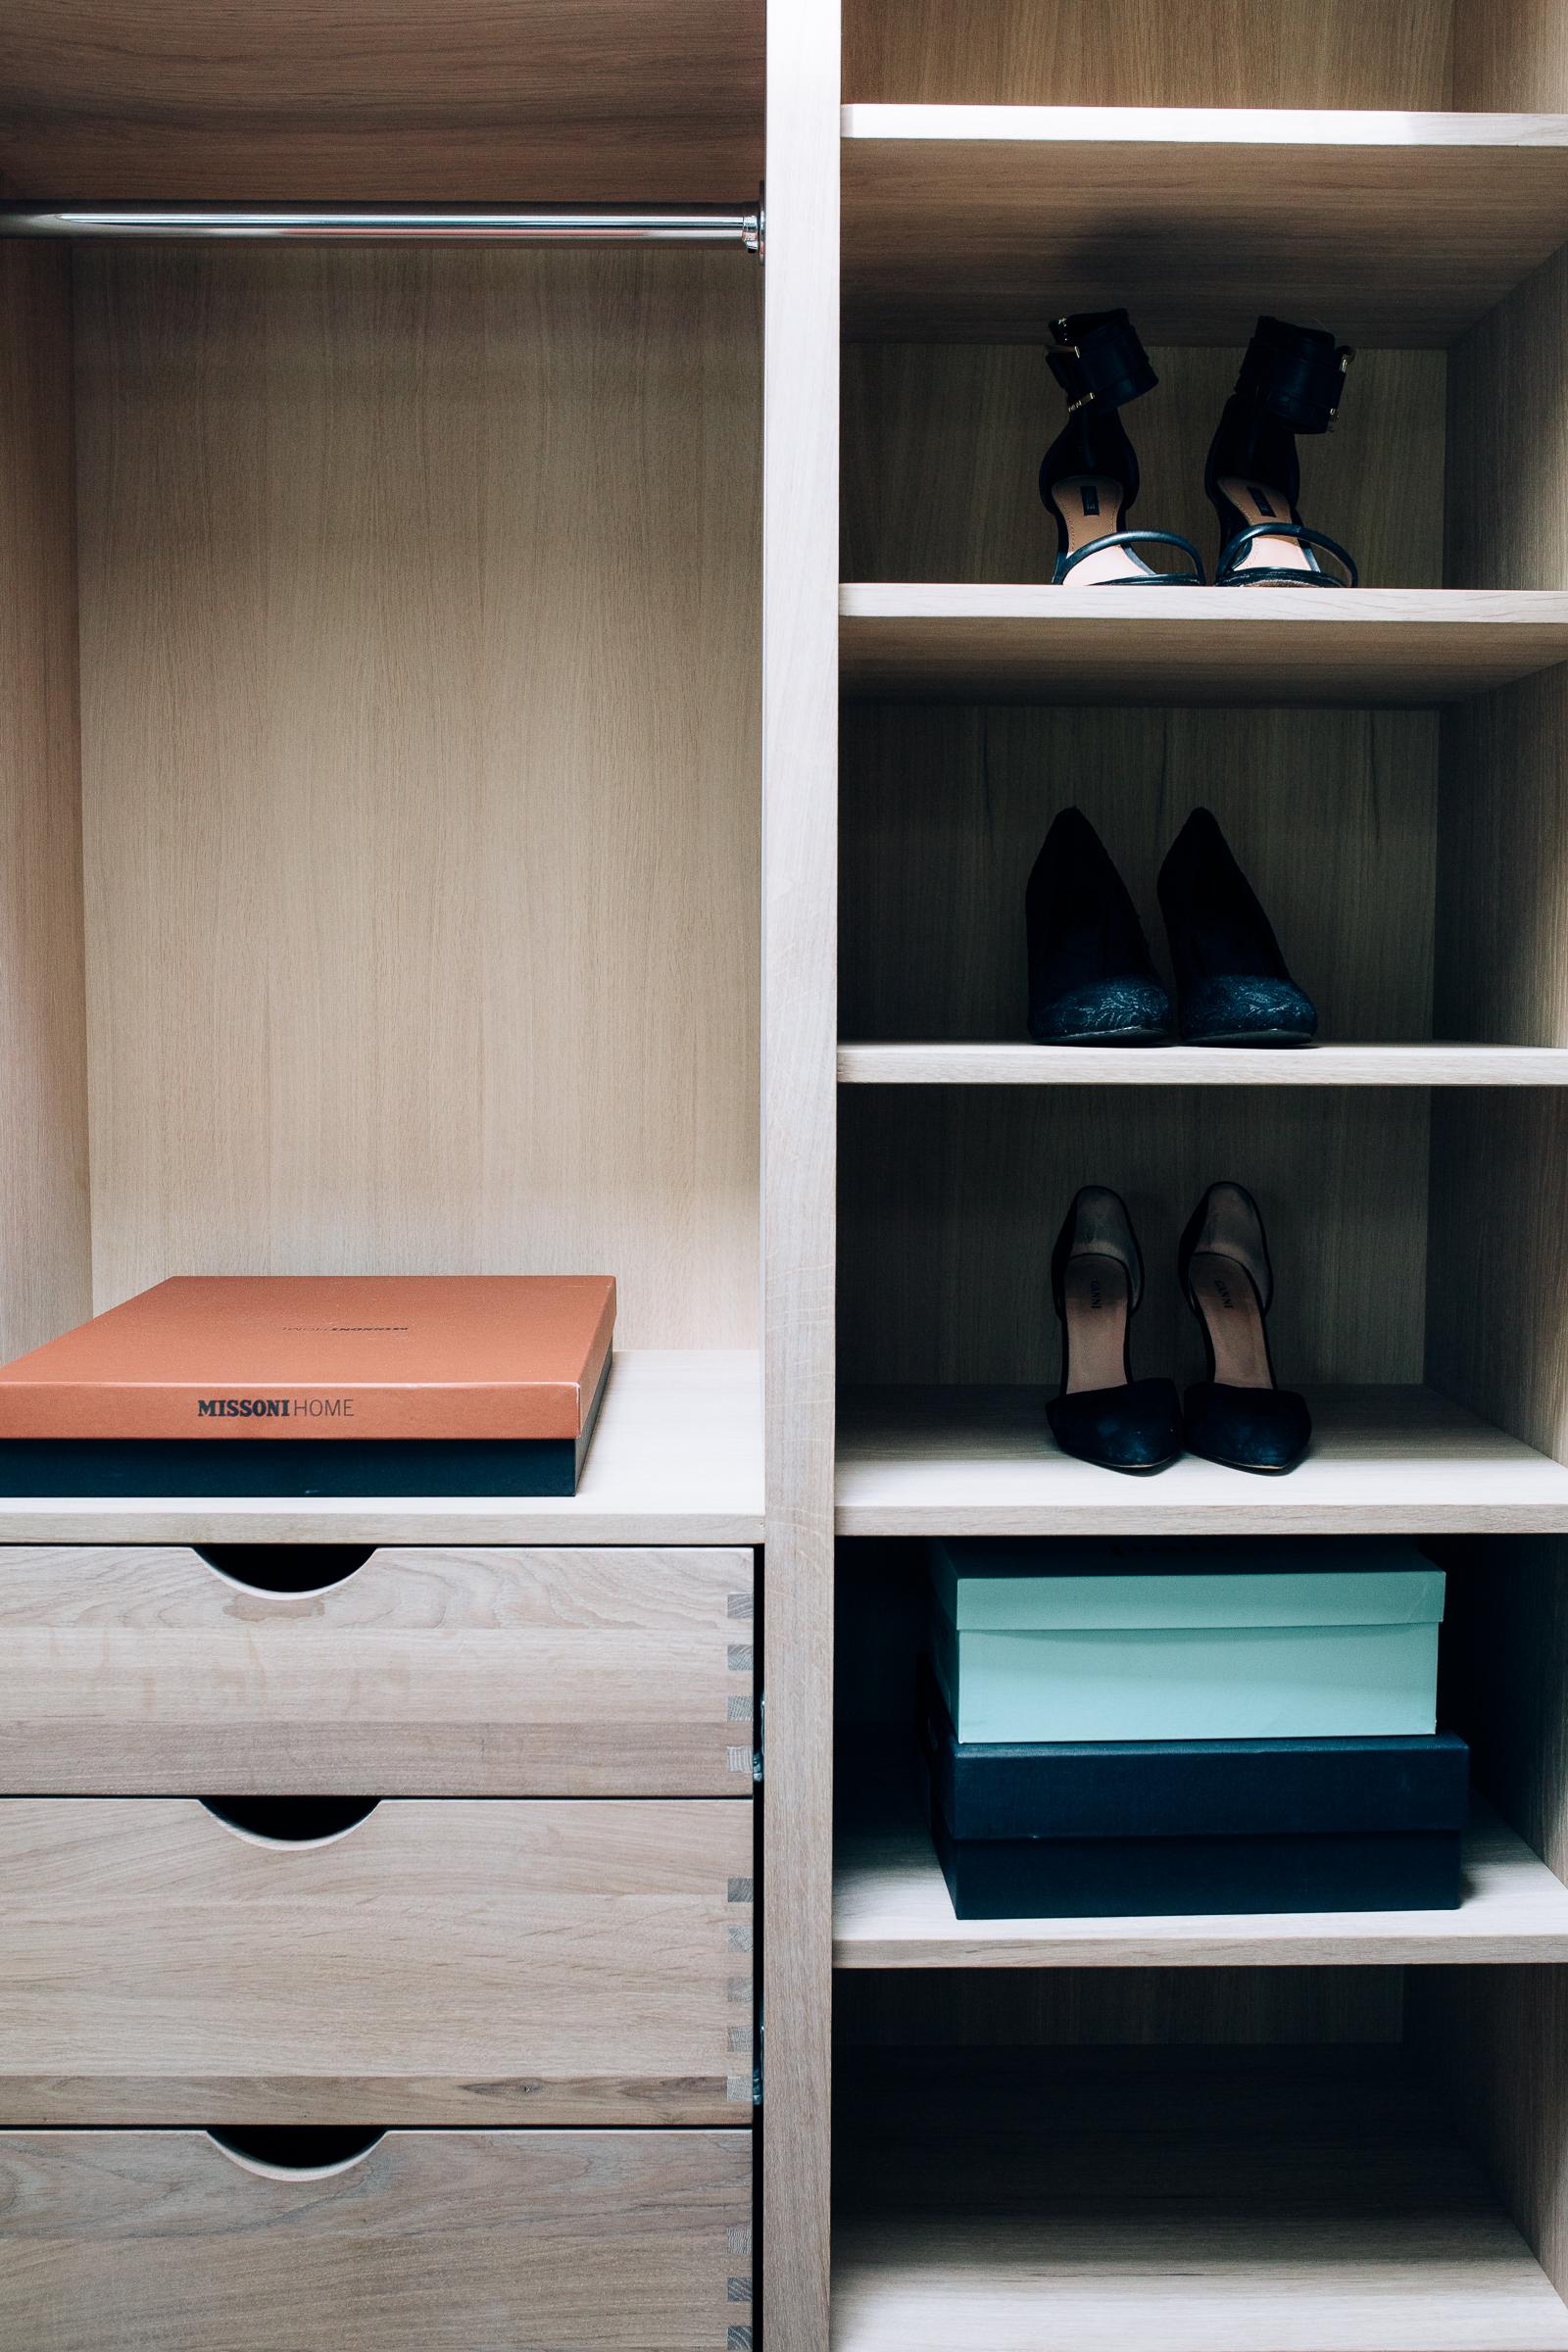 Garderoben har en åpen løsninger med skuffer og hyllesystem. Ved å planlegge garderoben nøye, er det enkelt å holde den ryddig.